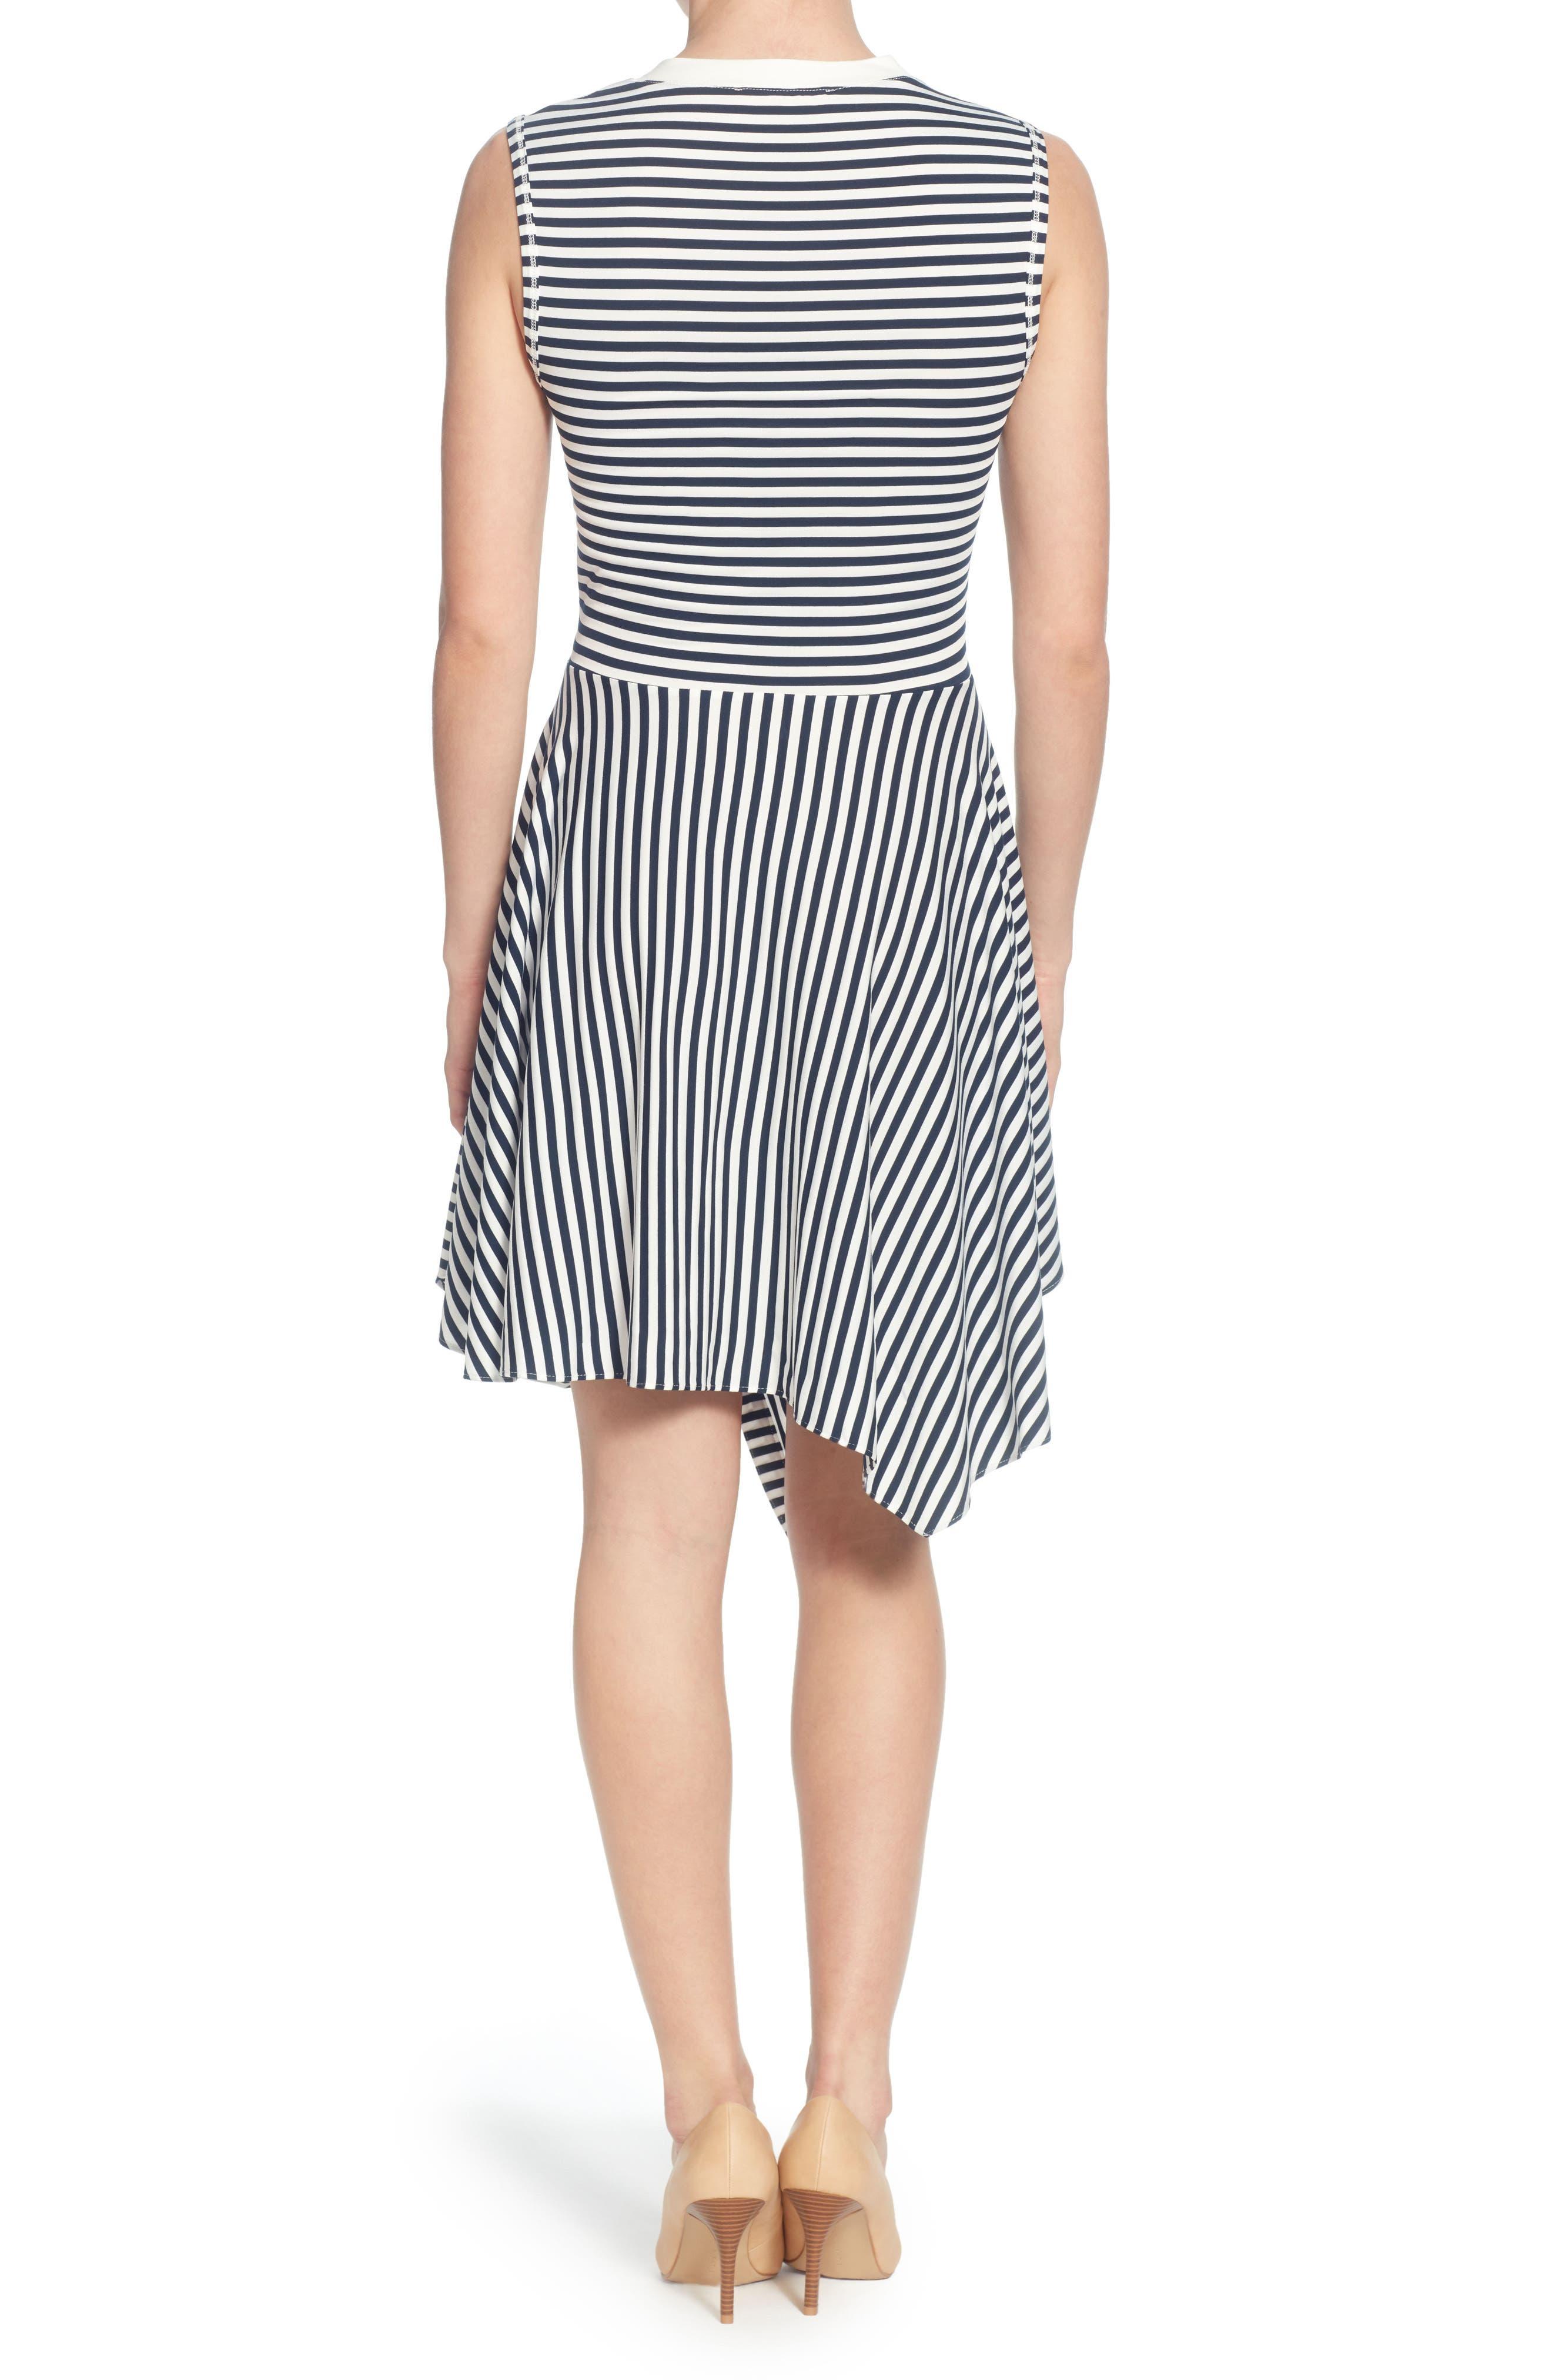 Pattern Mix Asymmetrical Stripe Dress,                             Alternate thumbnail 2, color,                             Blue/ White Stripe